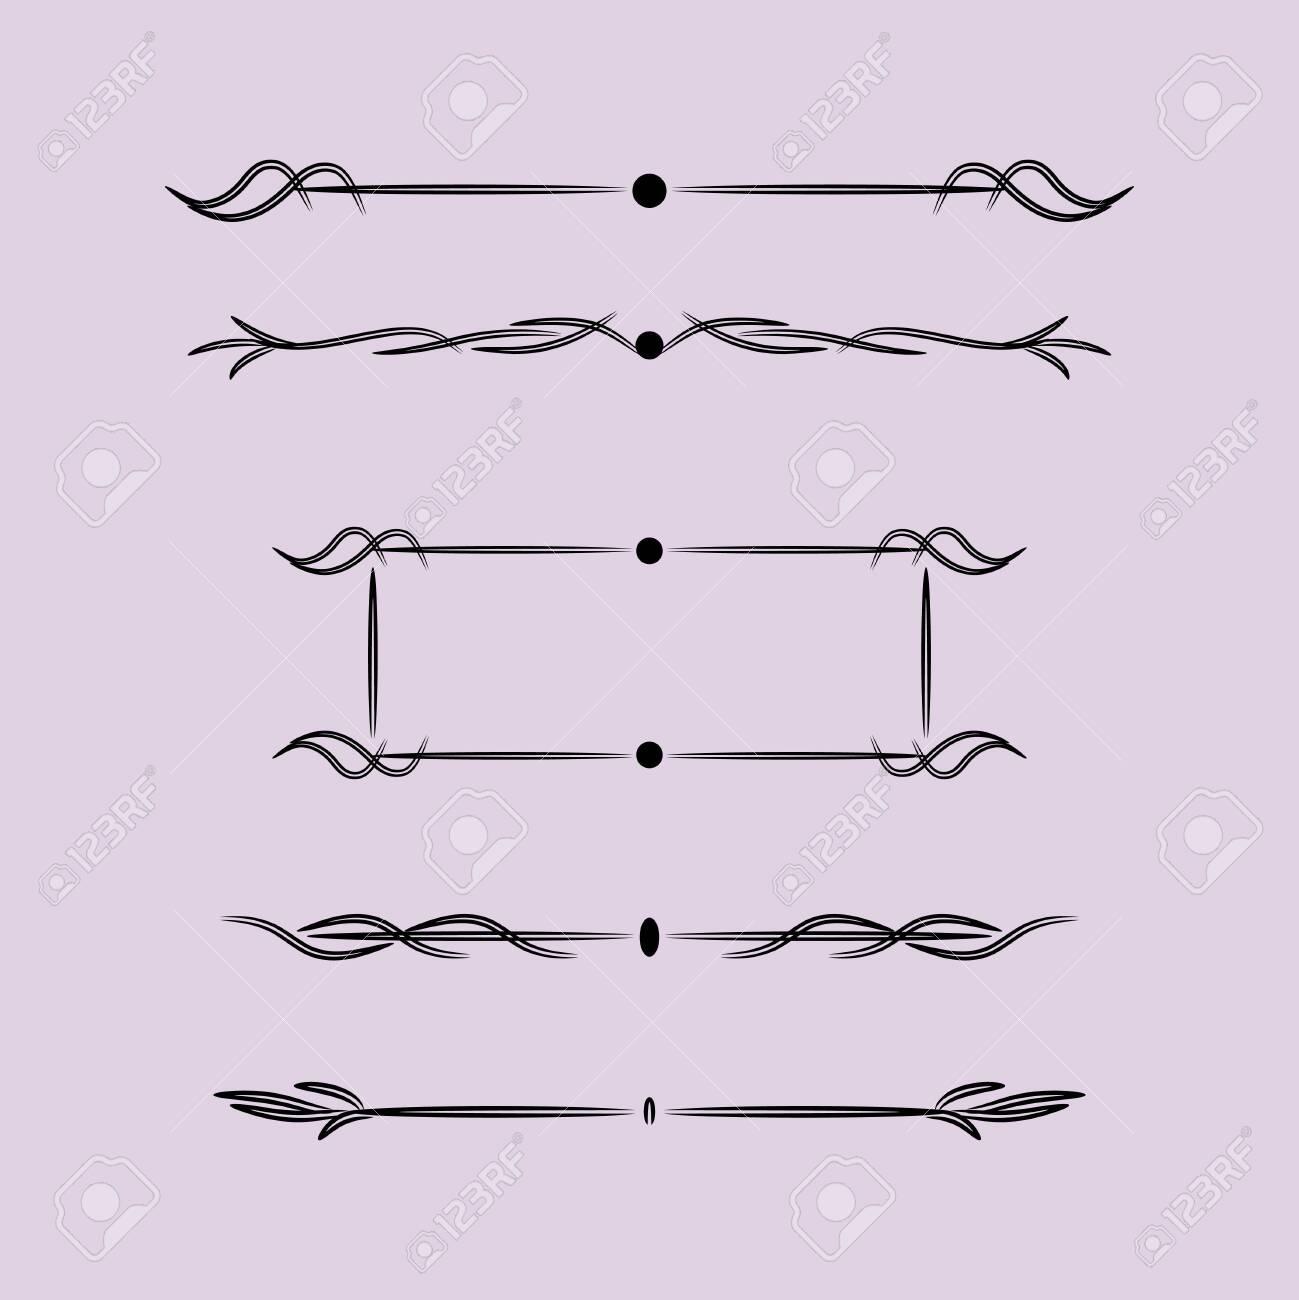 Vintage Design Elements With Lines, Vintage Design Elements With Lines - 142355604